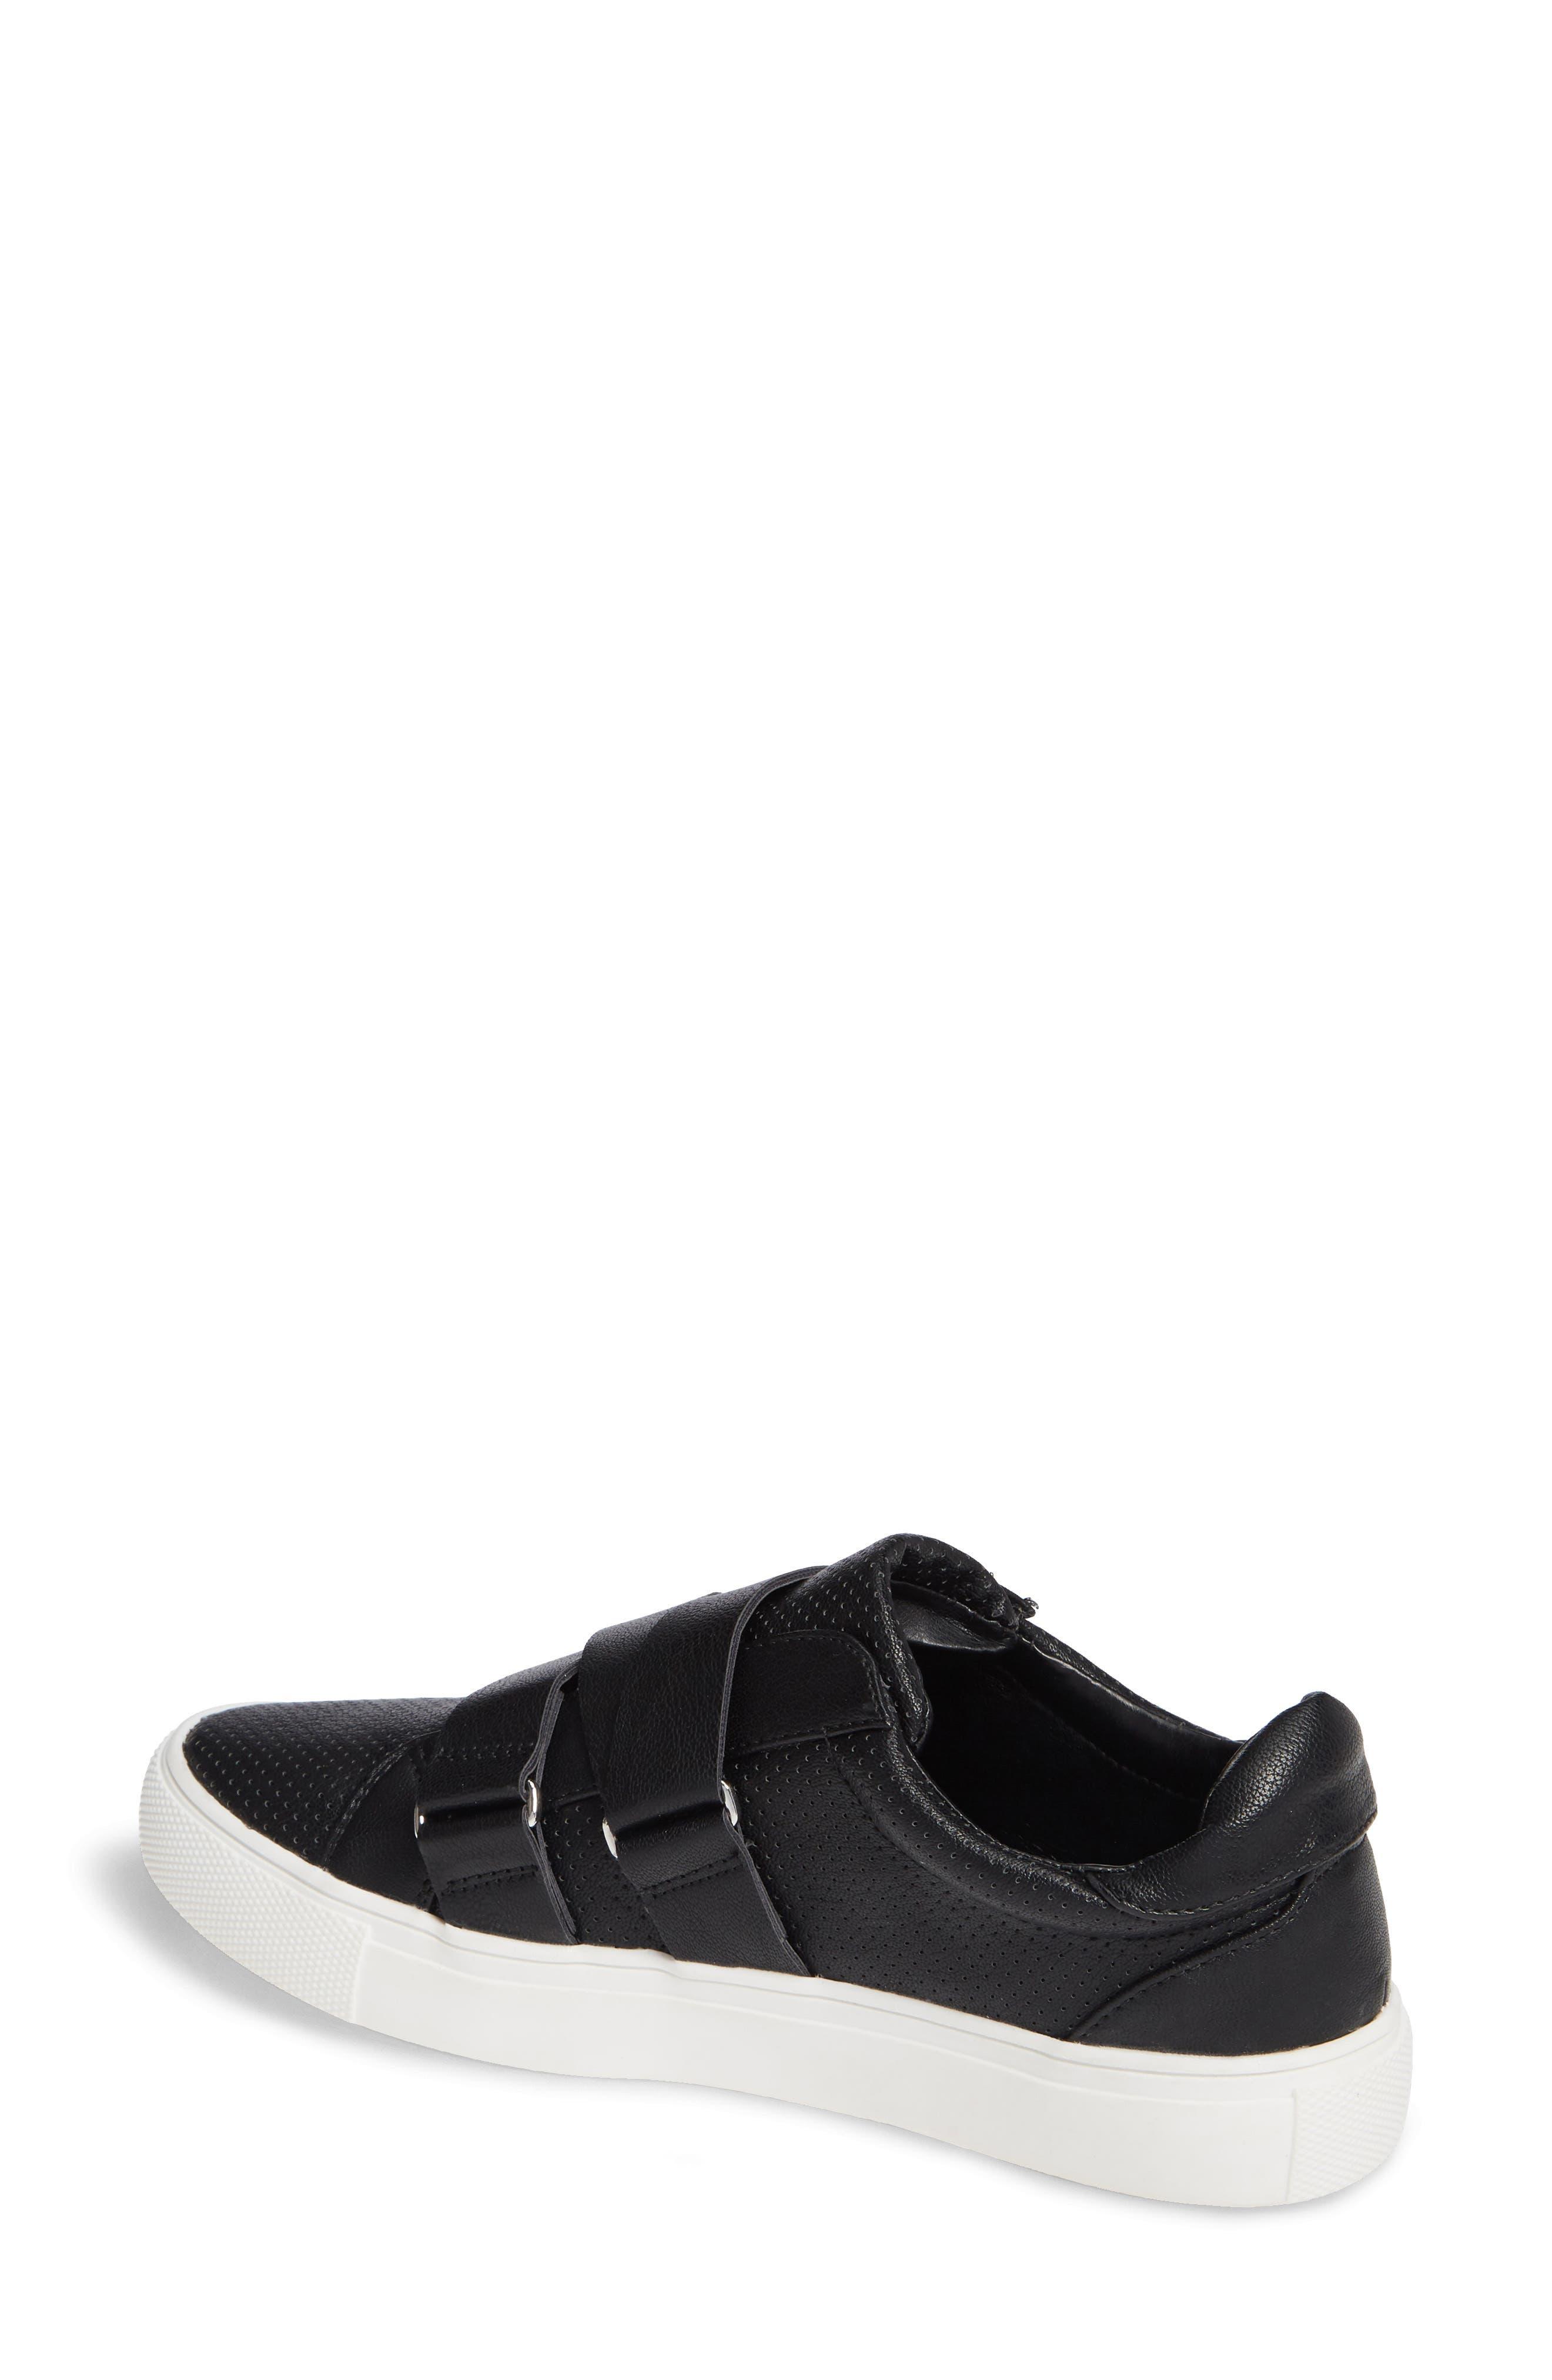 Kaelynn Sneaker,                             Alternate thumbnail 2, color,                             BLACK